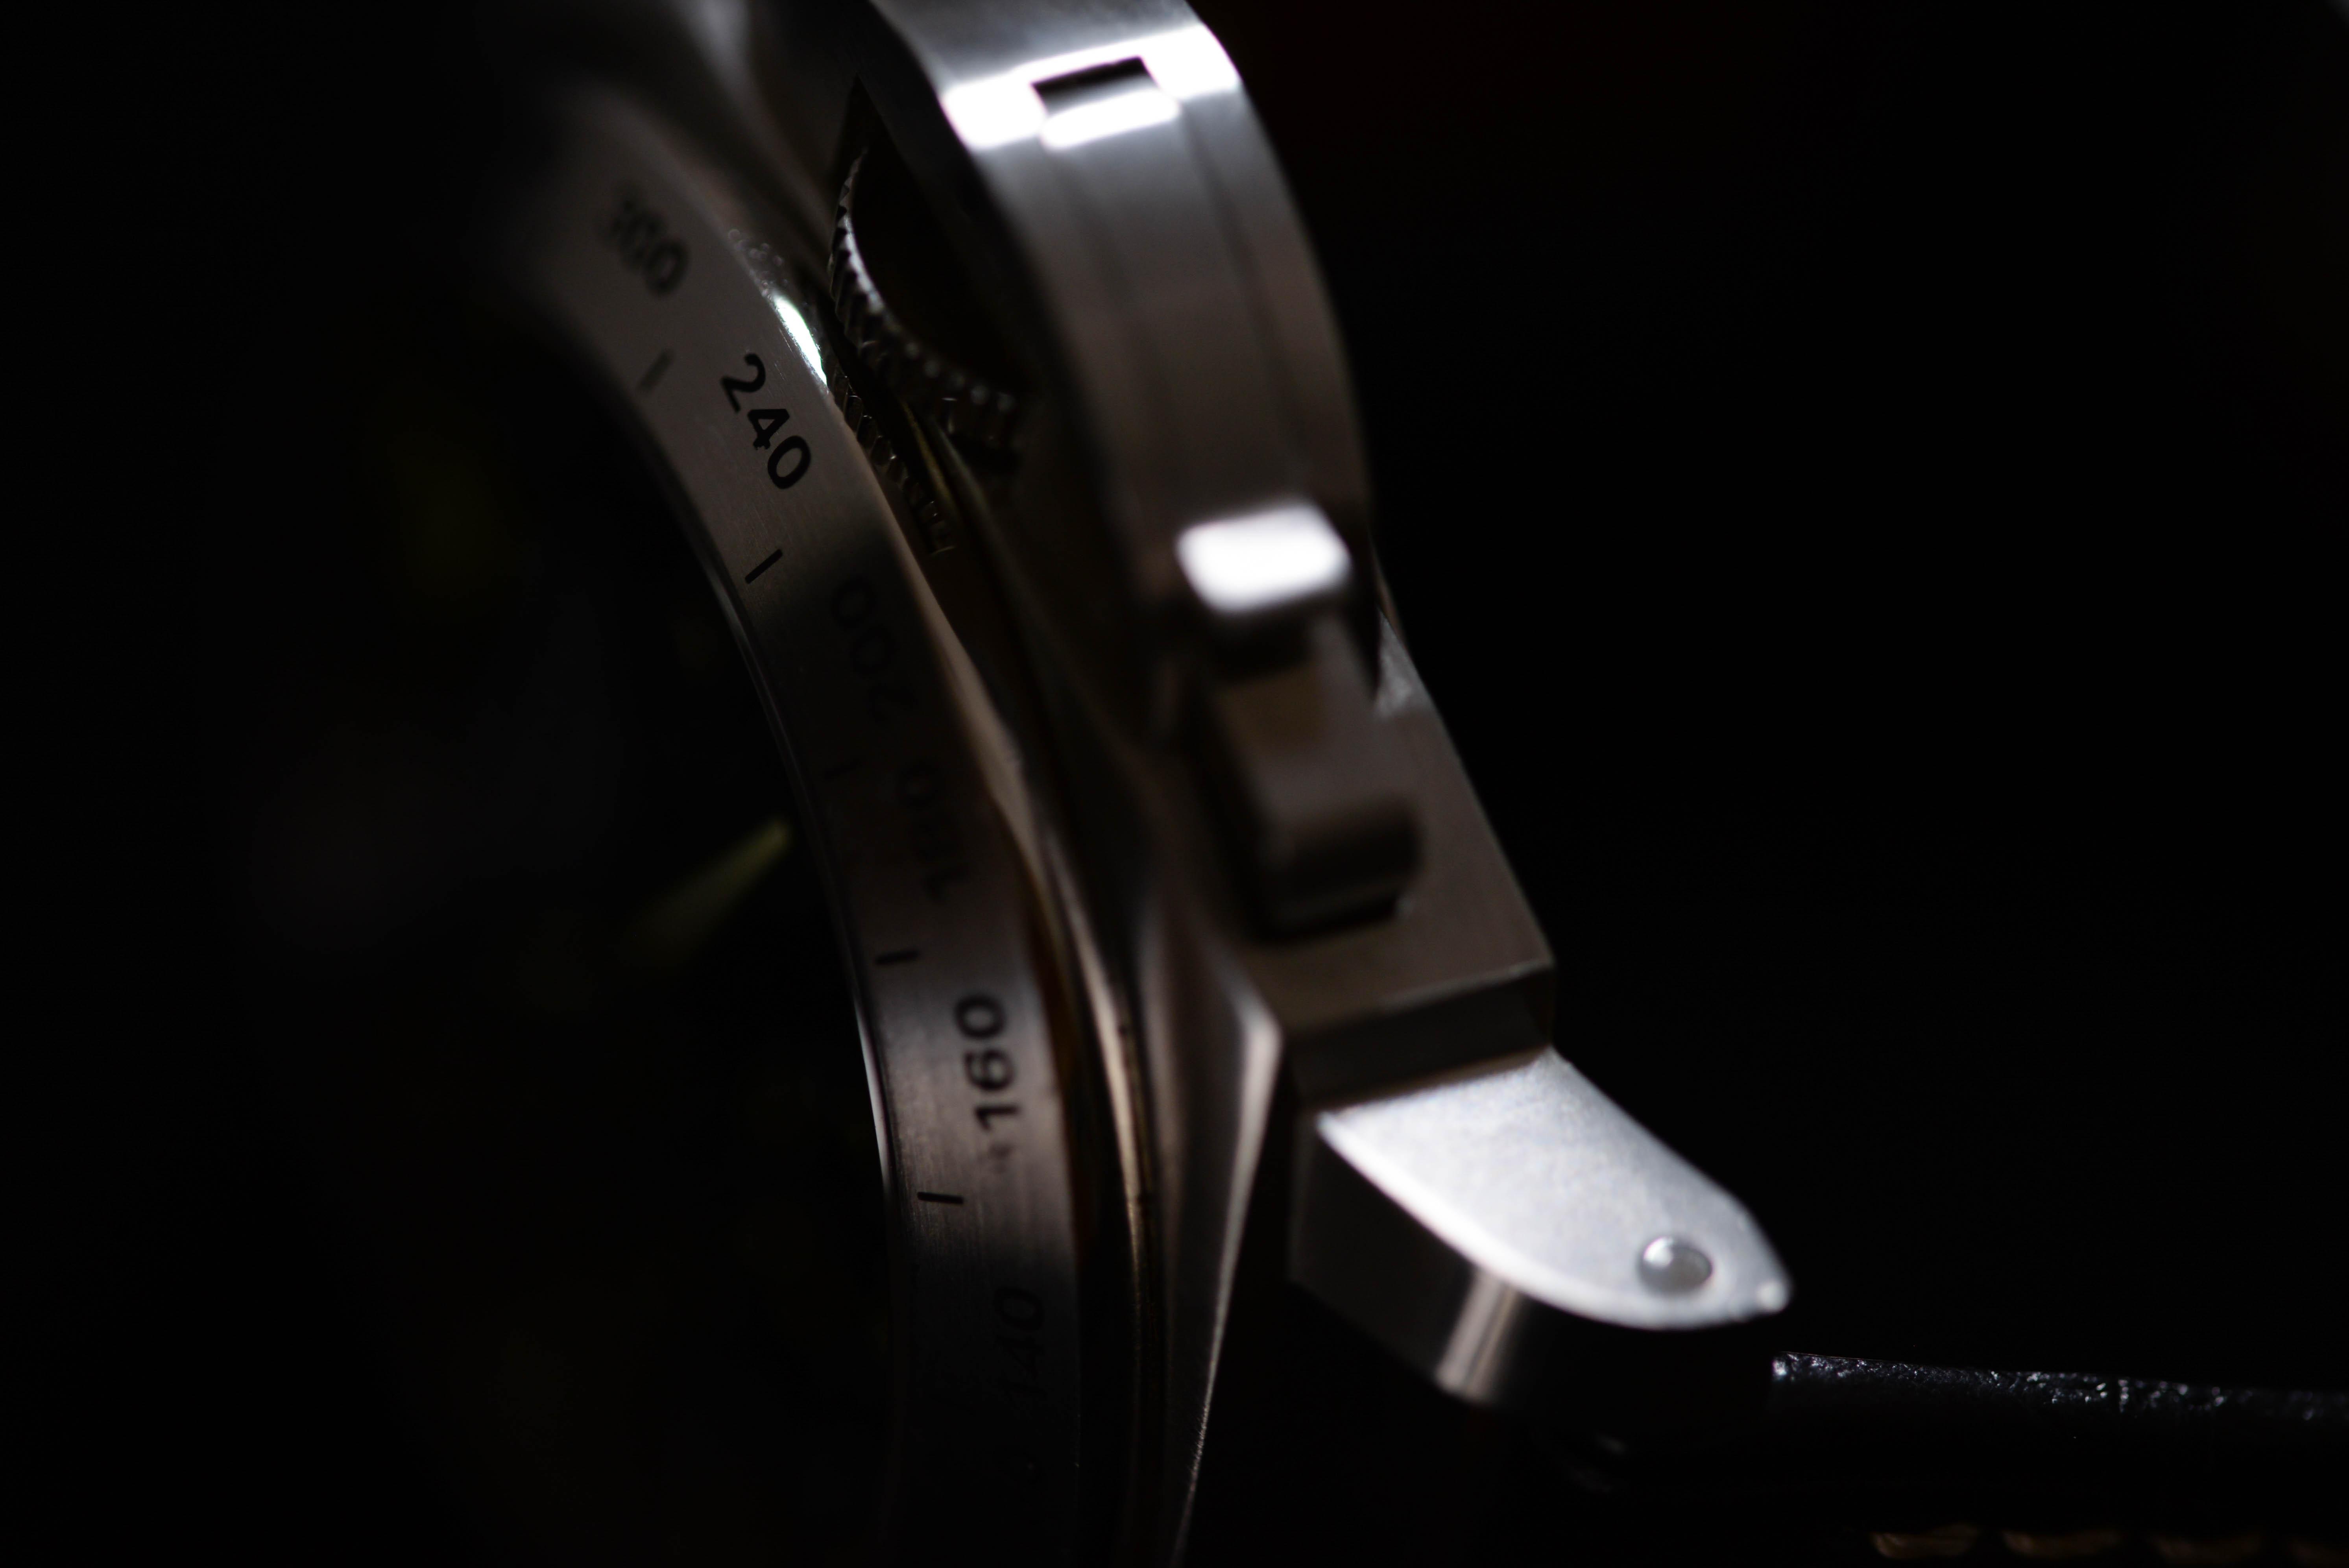 仕事の重要な場面で活躍してくれる腕時計